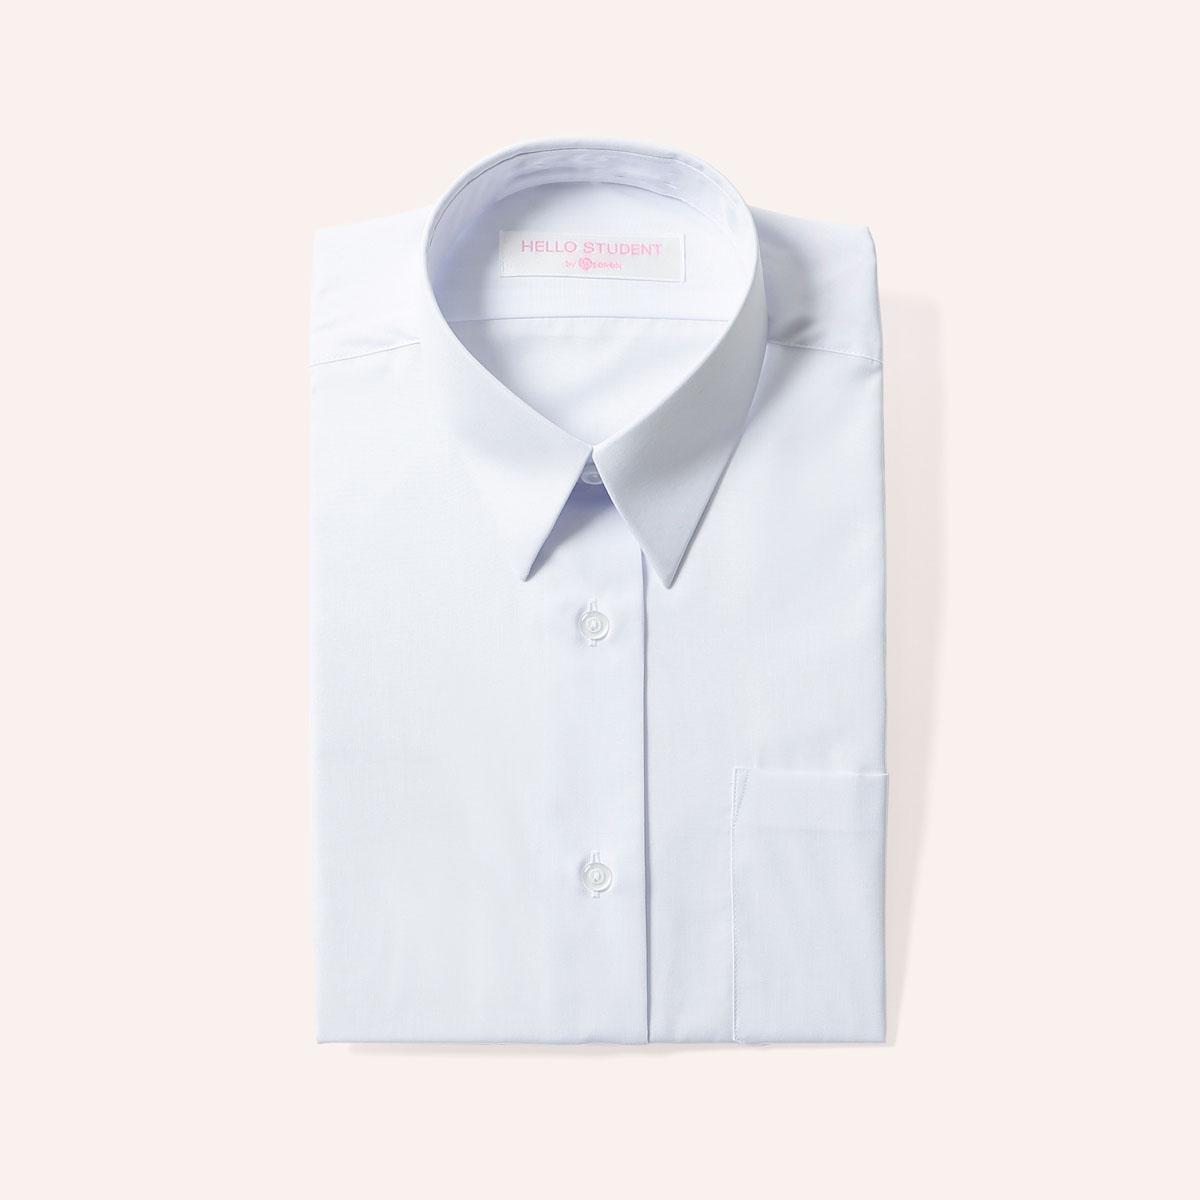 スクールシャツ 長袖 女子 角衿 ブラウス 形態安定 白 左胸ポケット